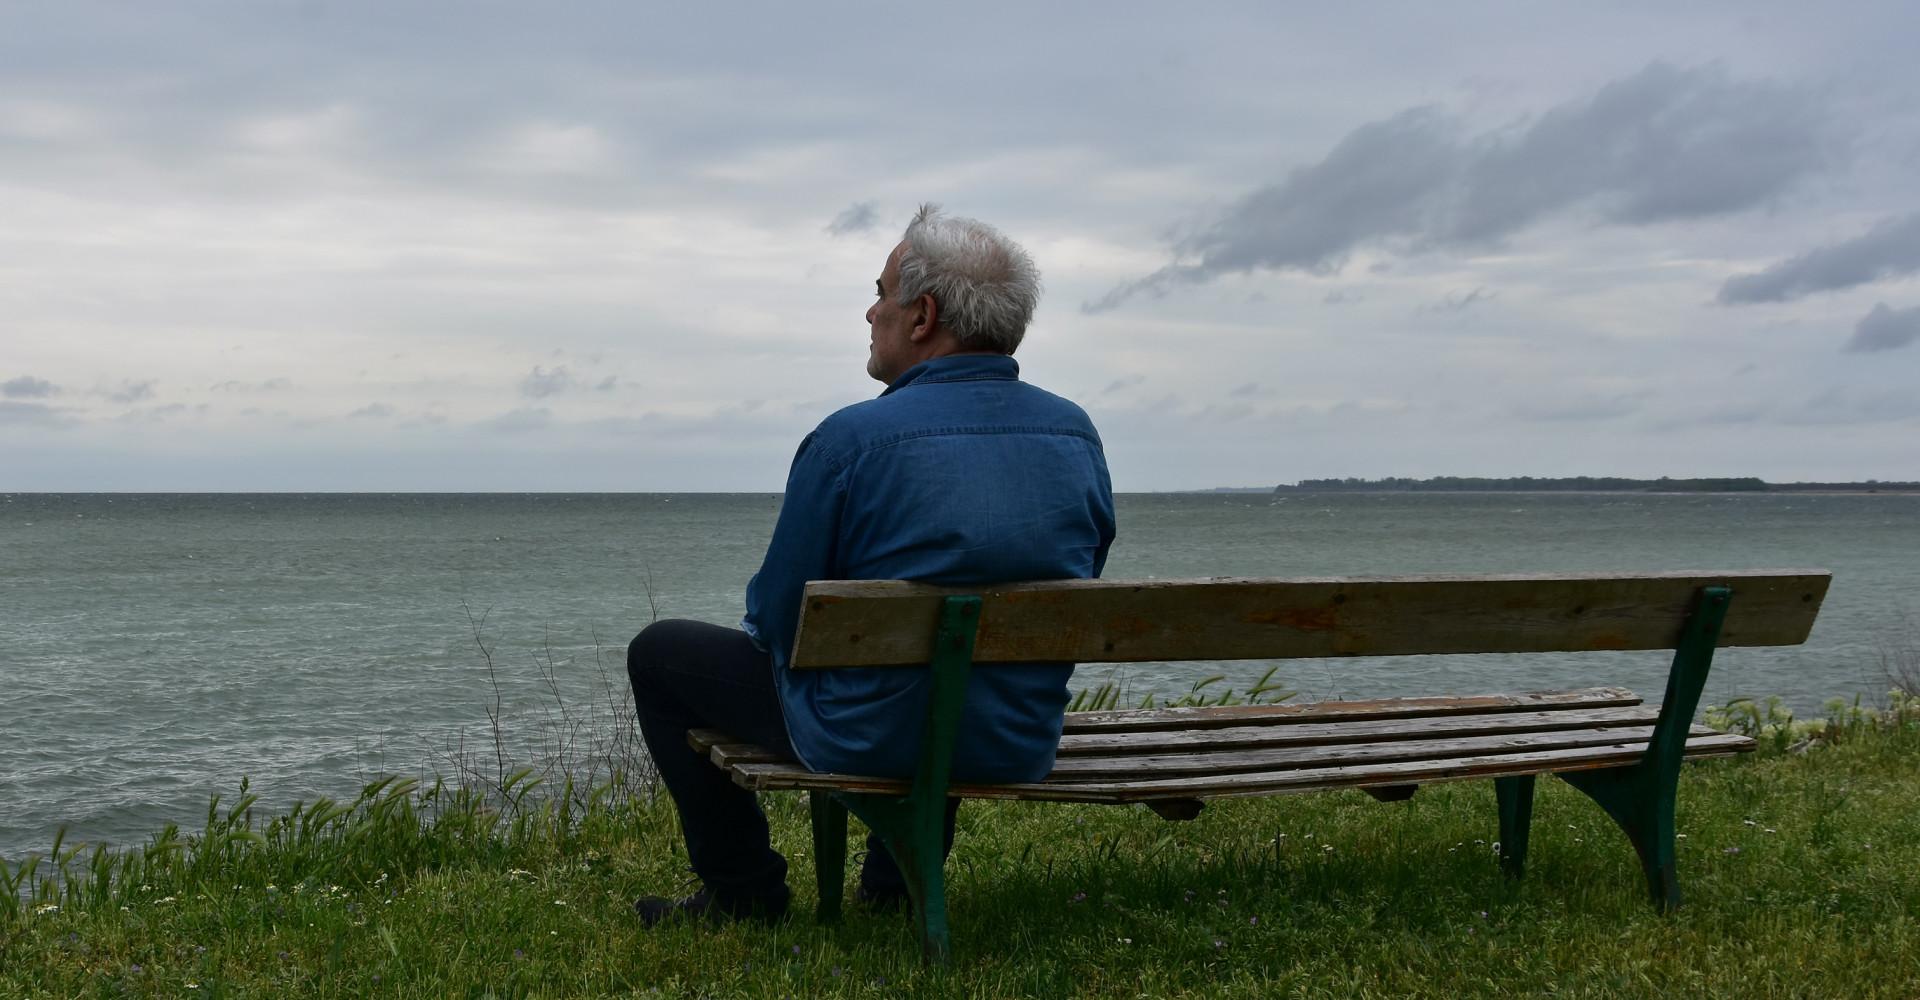 Onderzoek: nostalgie kan duiden op verdriet